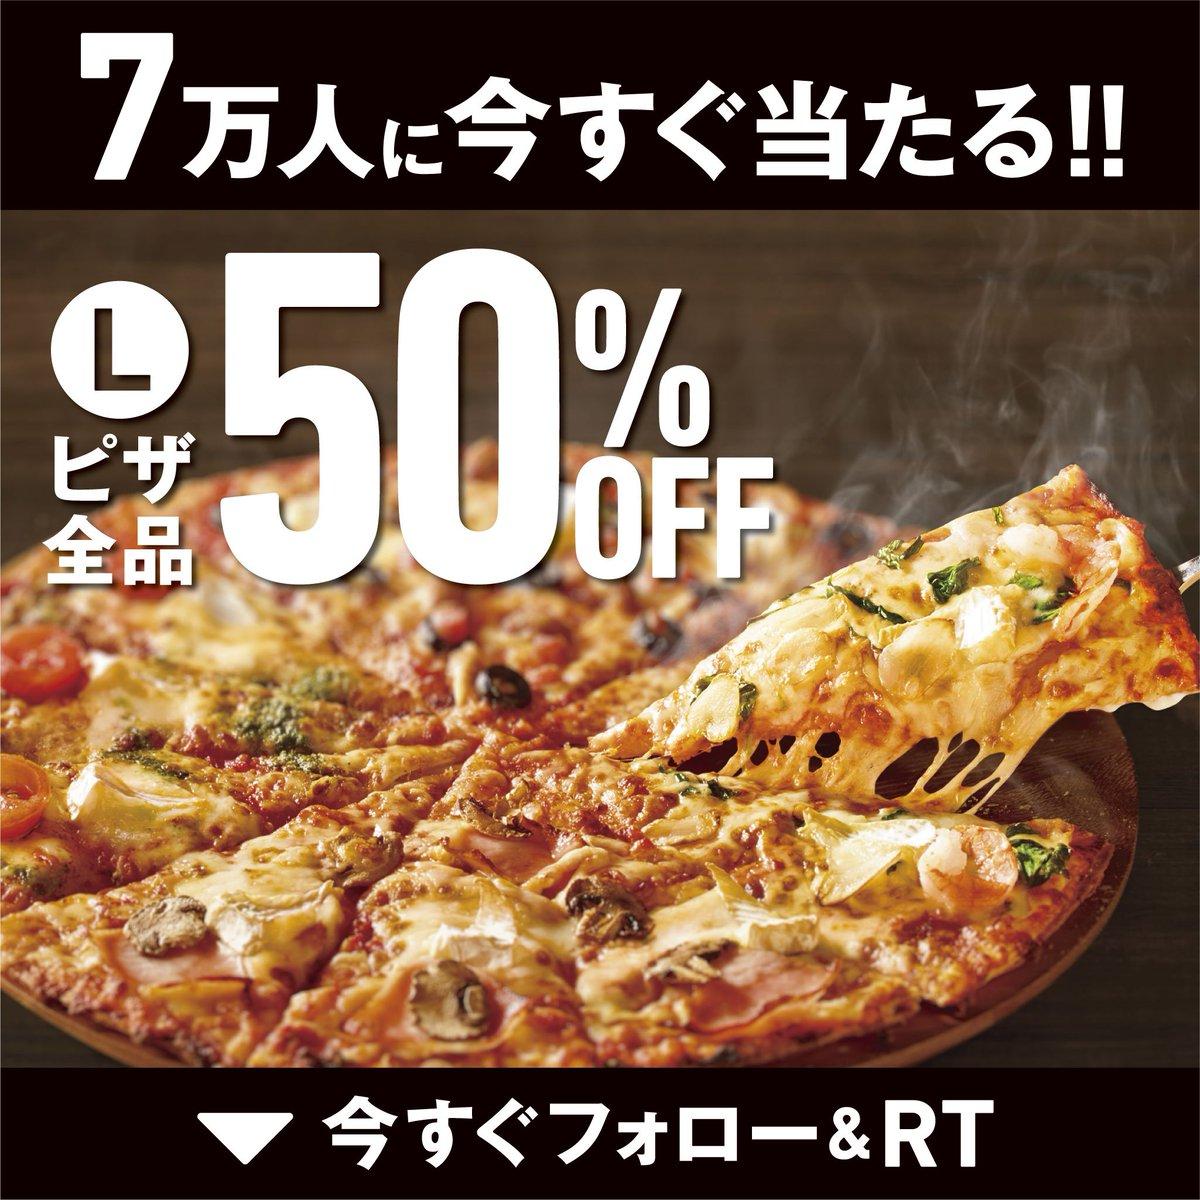 ドミノ・ピザさんの投稿画像